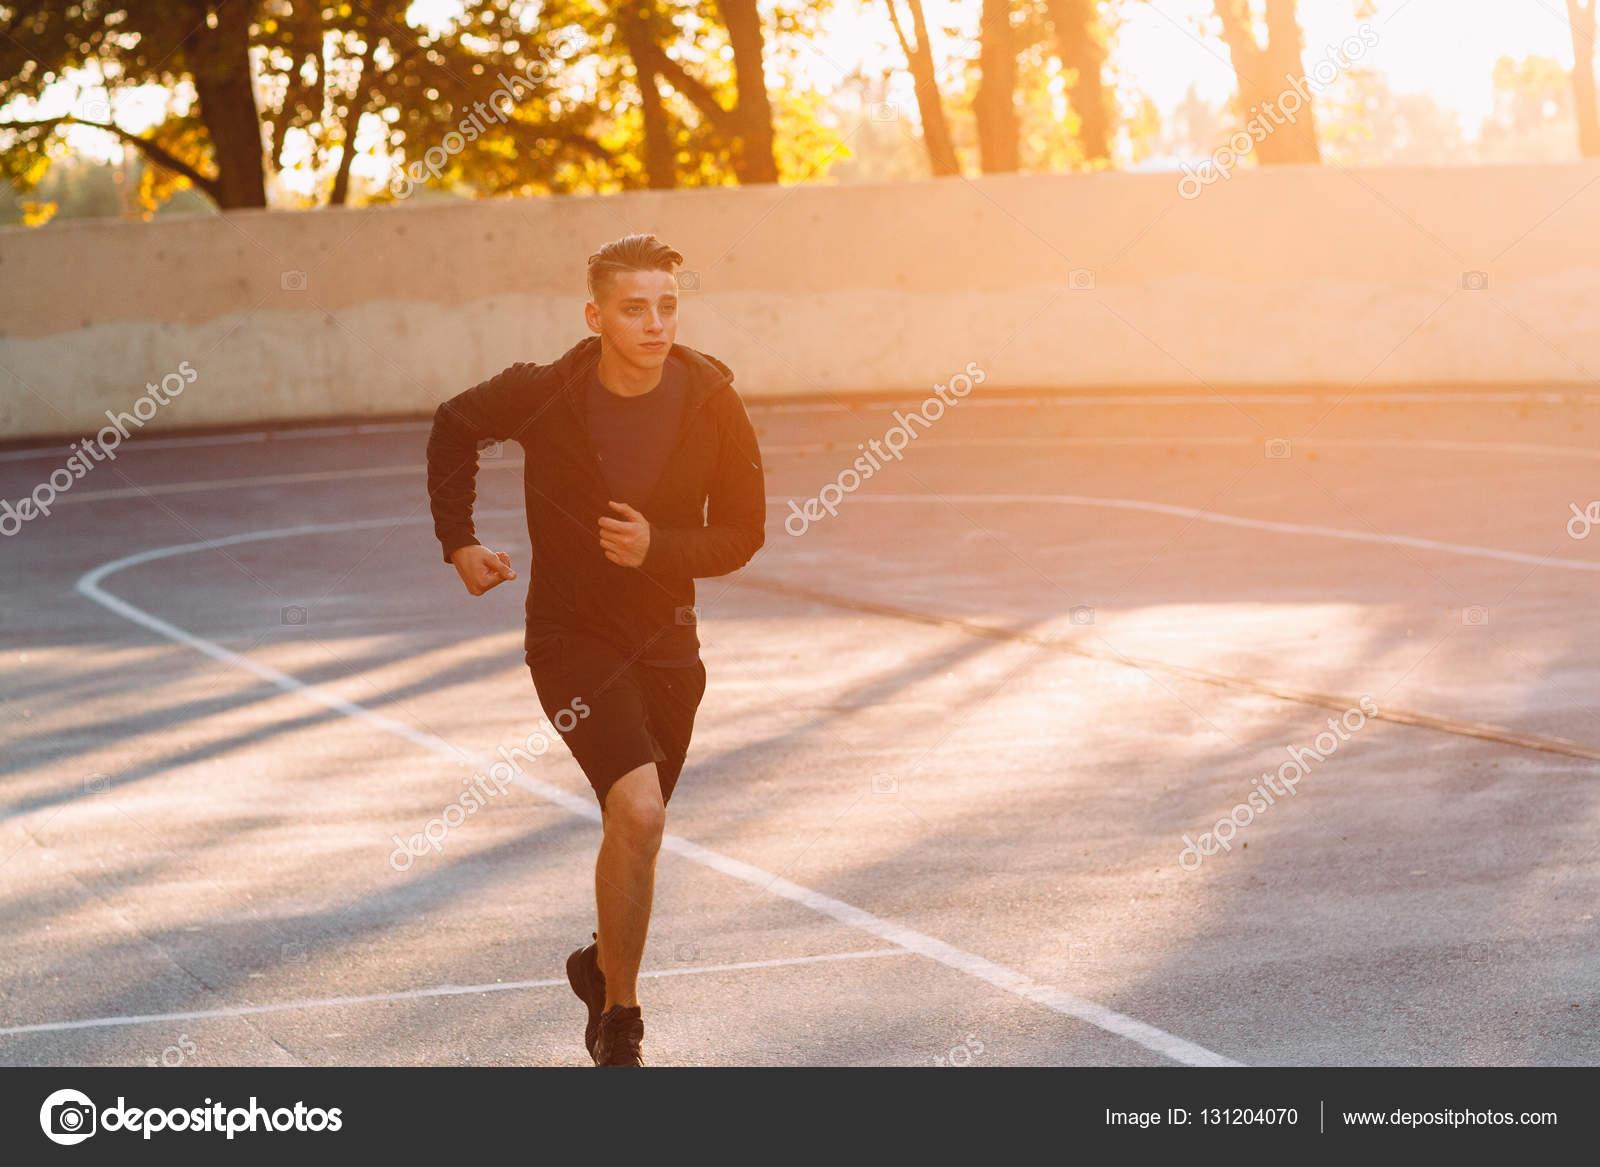 Jog De Noite De Atleta Profissional Luz Do Sol Stock